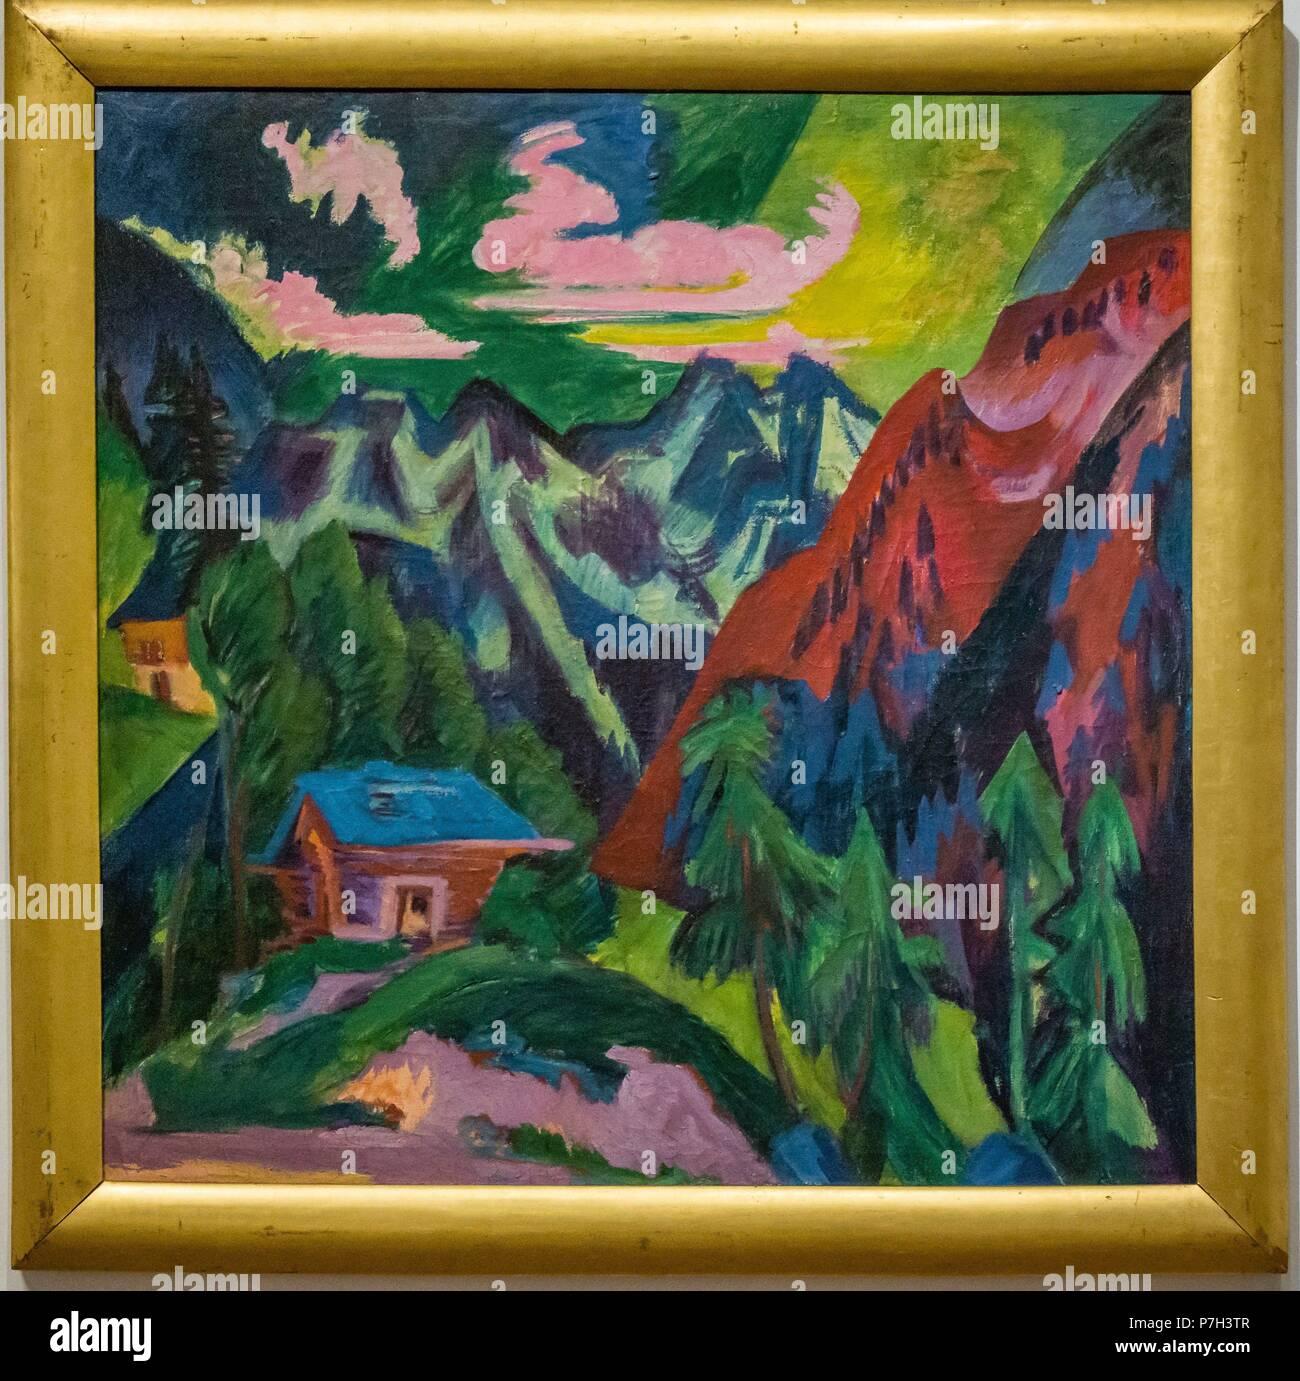 The mountains of Klosters, 1923, Ernst Ludwig Kirchner, oil on canvas, Palacio Belvedere , estilo barroco, construido entre 1714 y 1723 para el príncipe Eugenio de Saboya, Viena, Austria, europe. Stock Photo